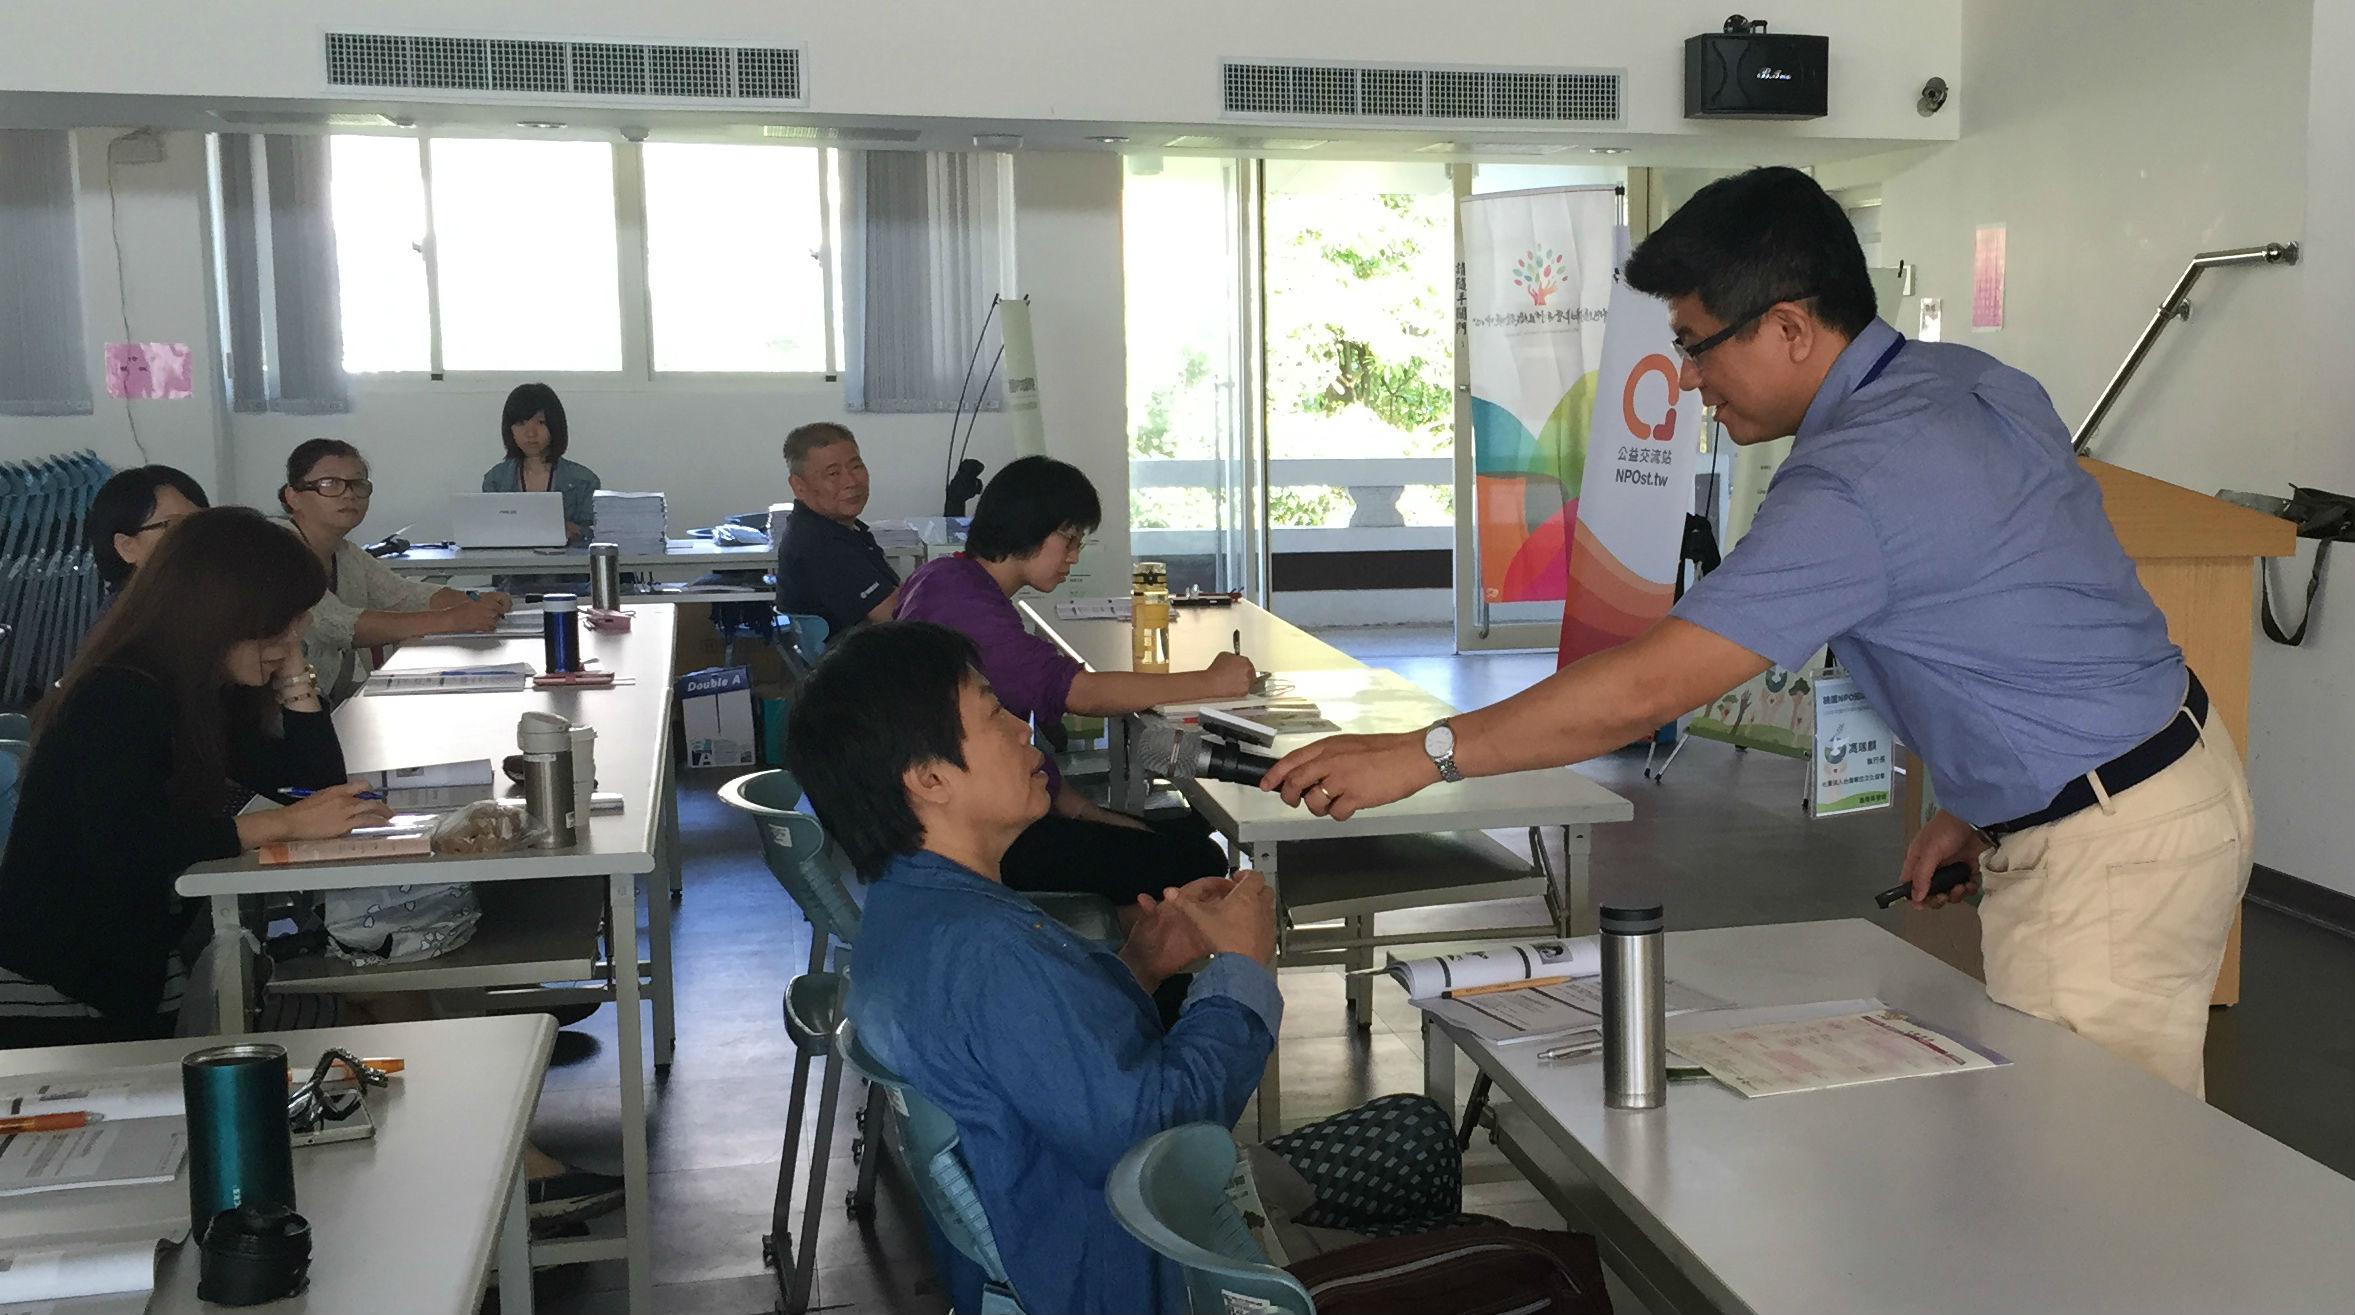 馮瑞麒提醒,需求評估是一門專業,不應該把自認為的需求強加到受助者身上。